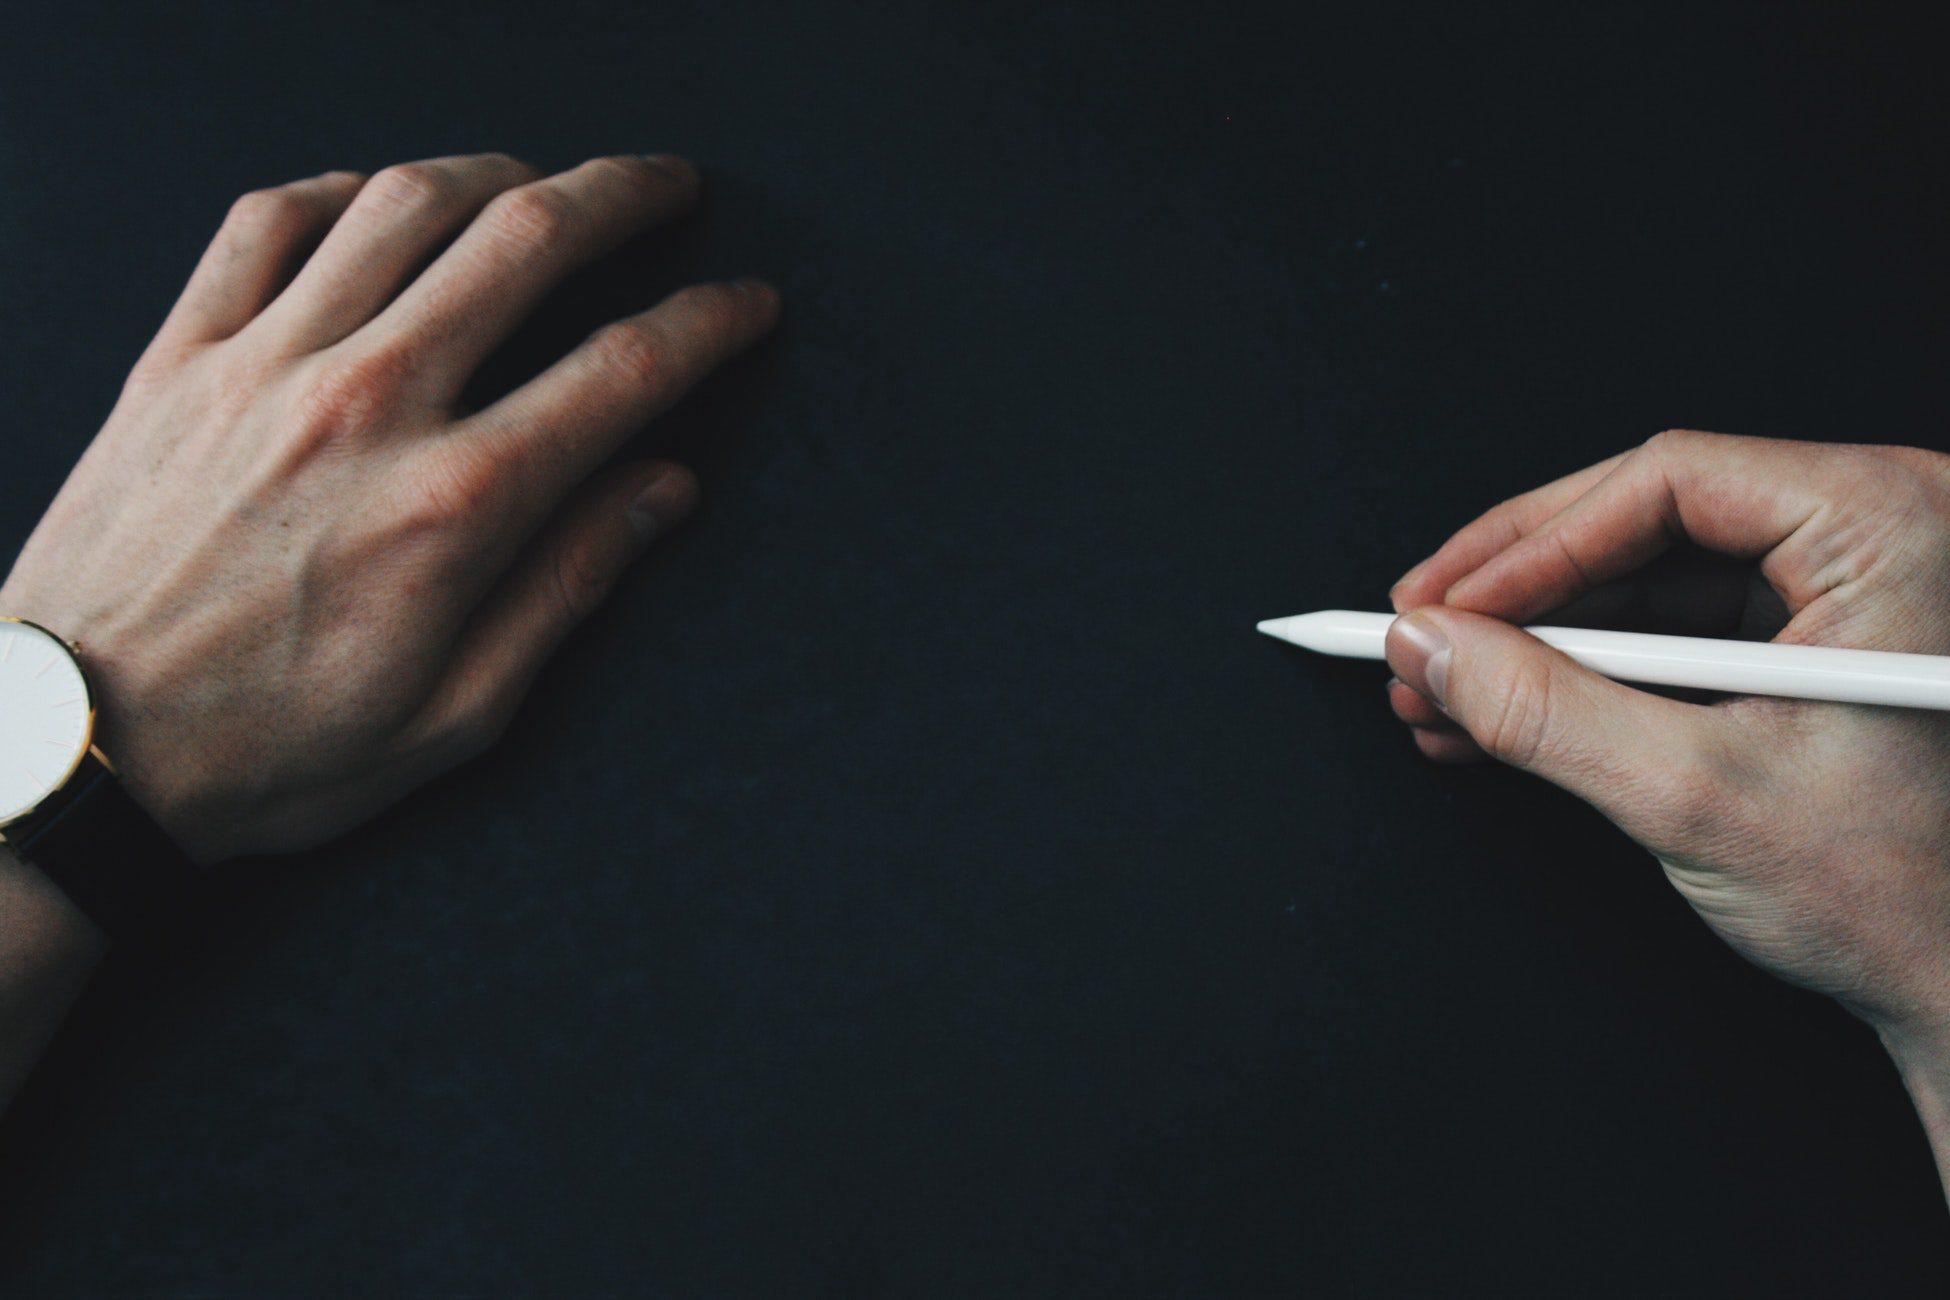 چرا باید حدیث نفس بنویسیم؟